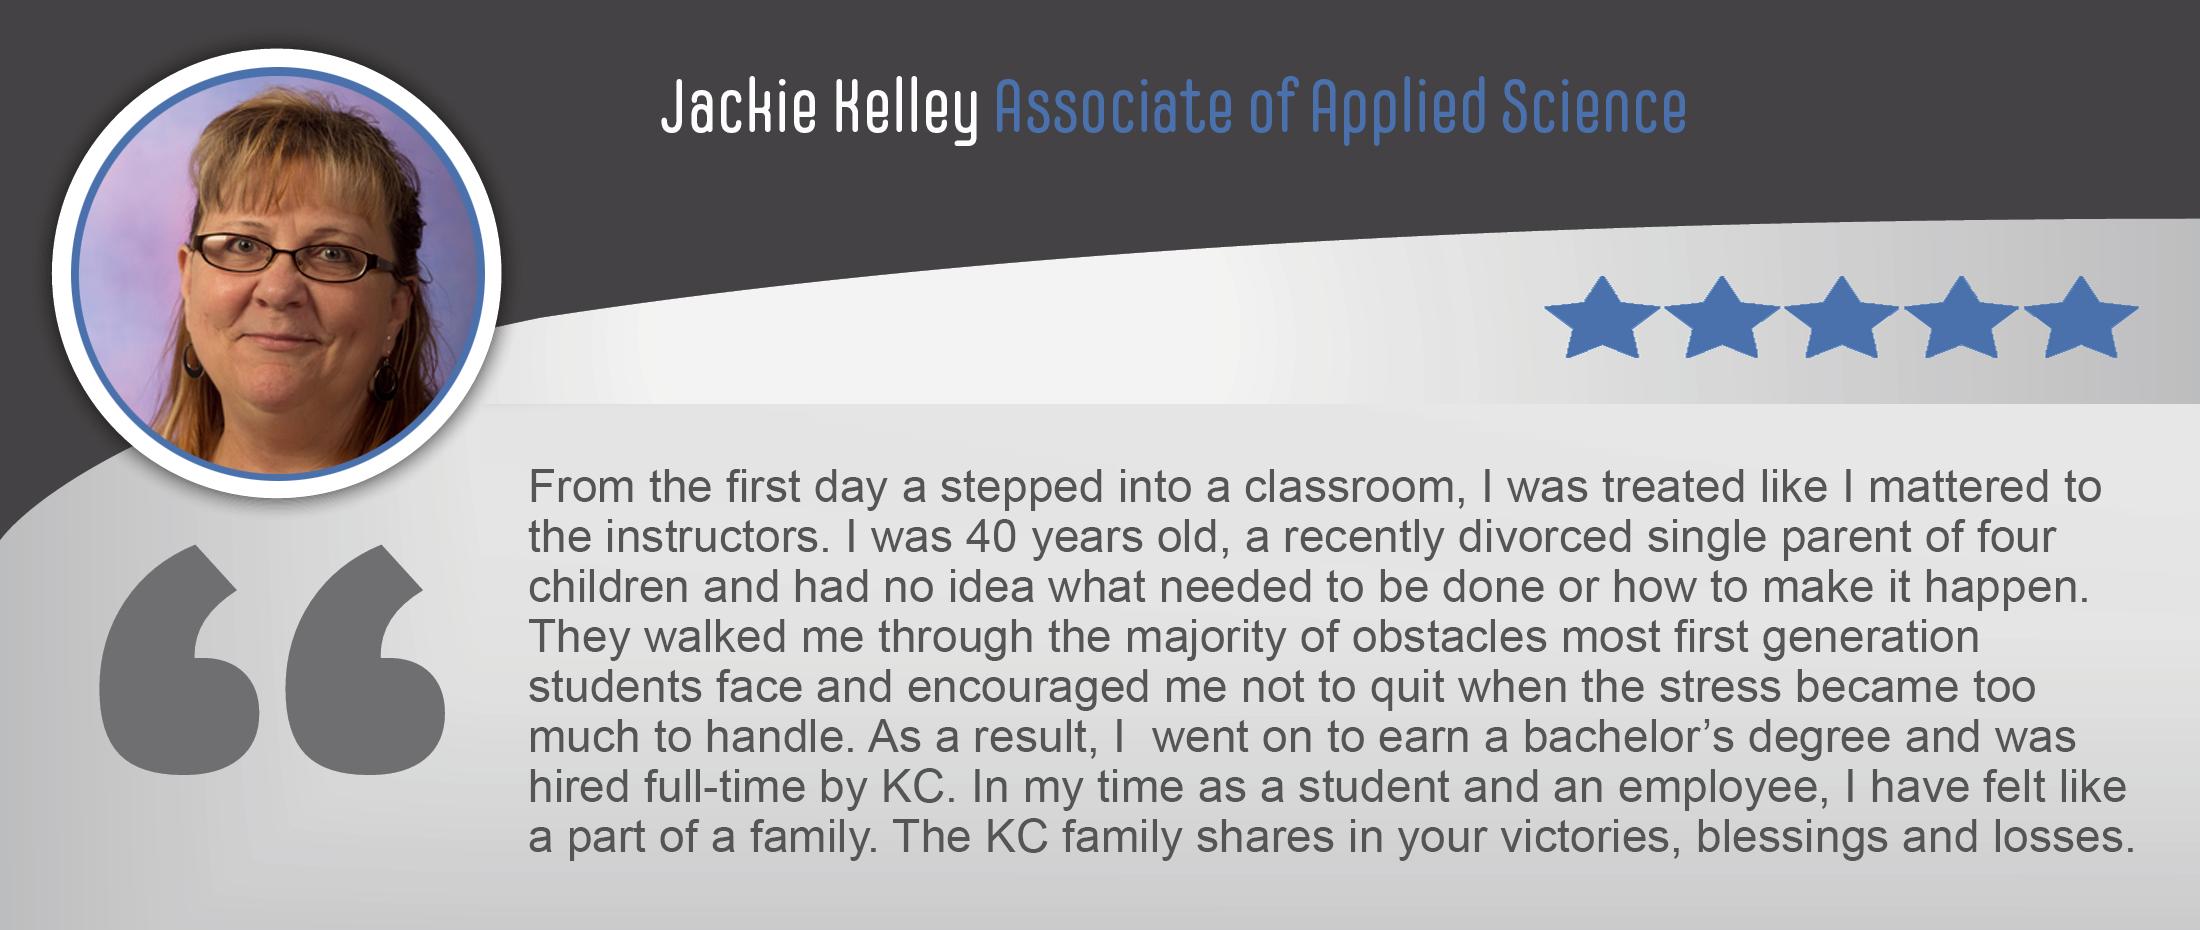 Jackie Kelley Testimonial